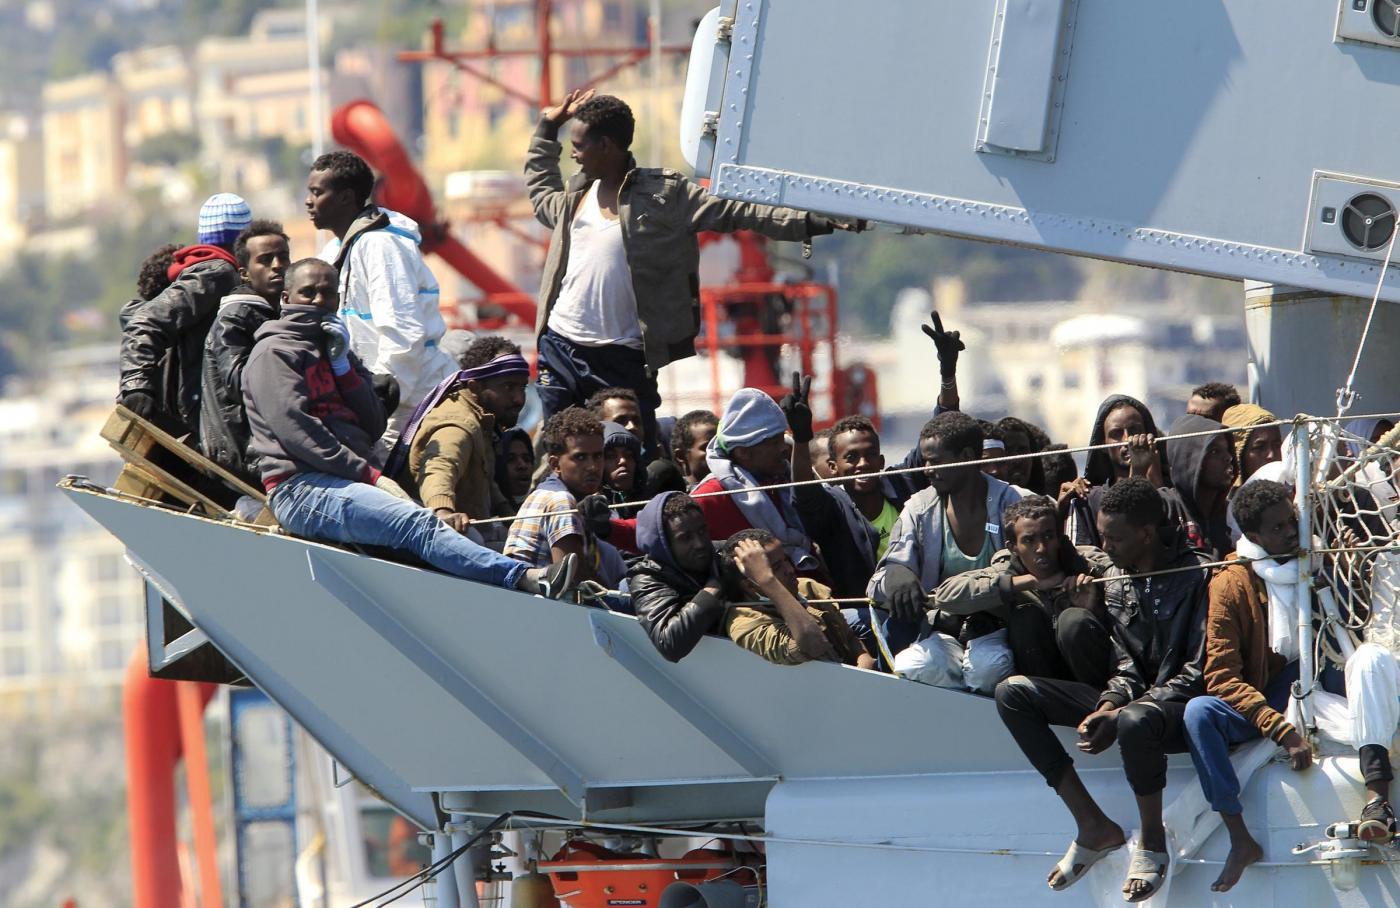 Immigrazione in Italia, attesi 1 milione di migranti: perché scappano e come fermarli?